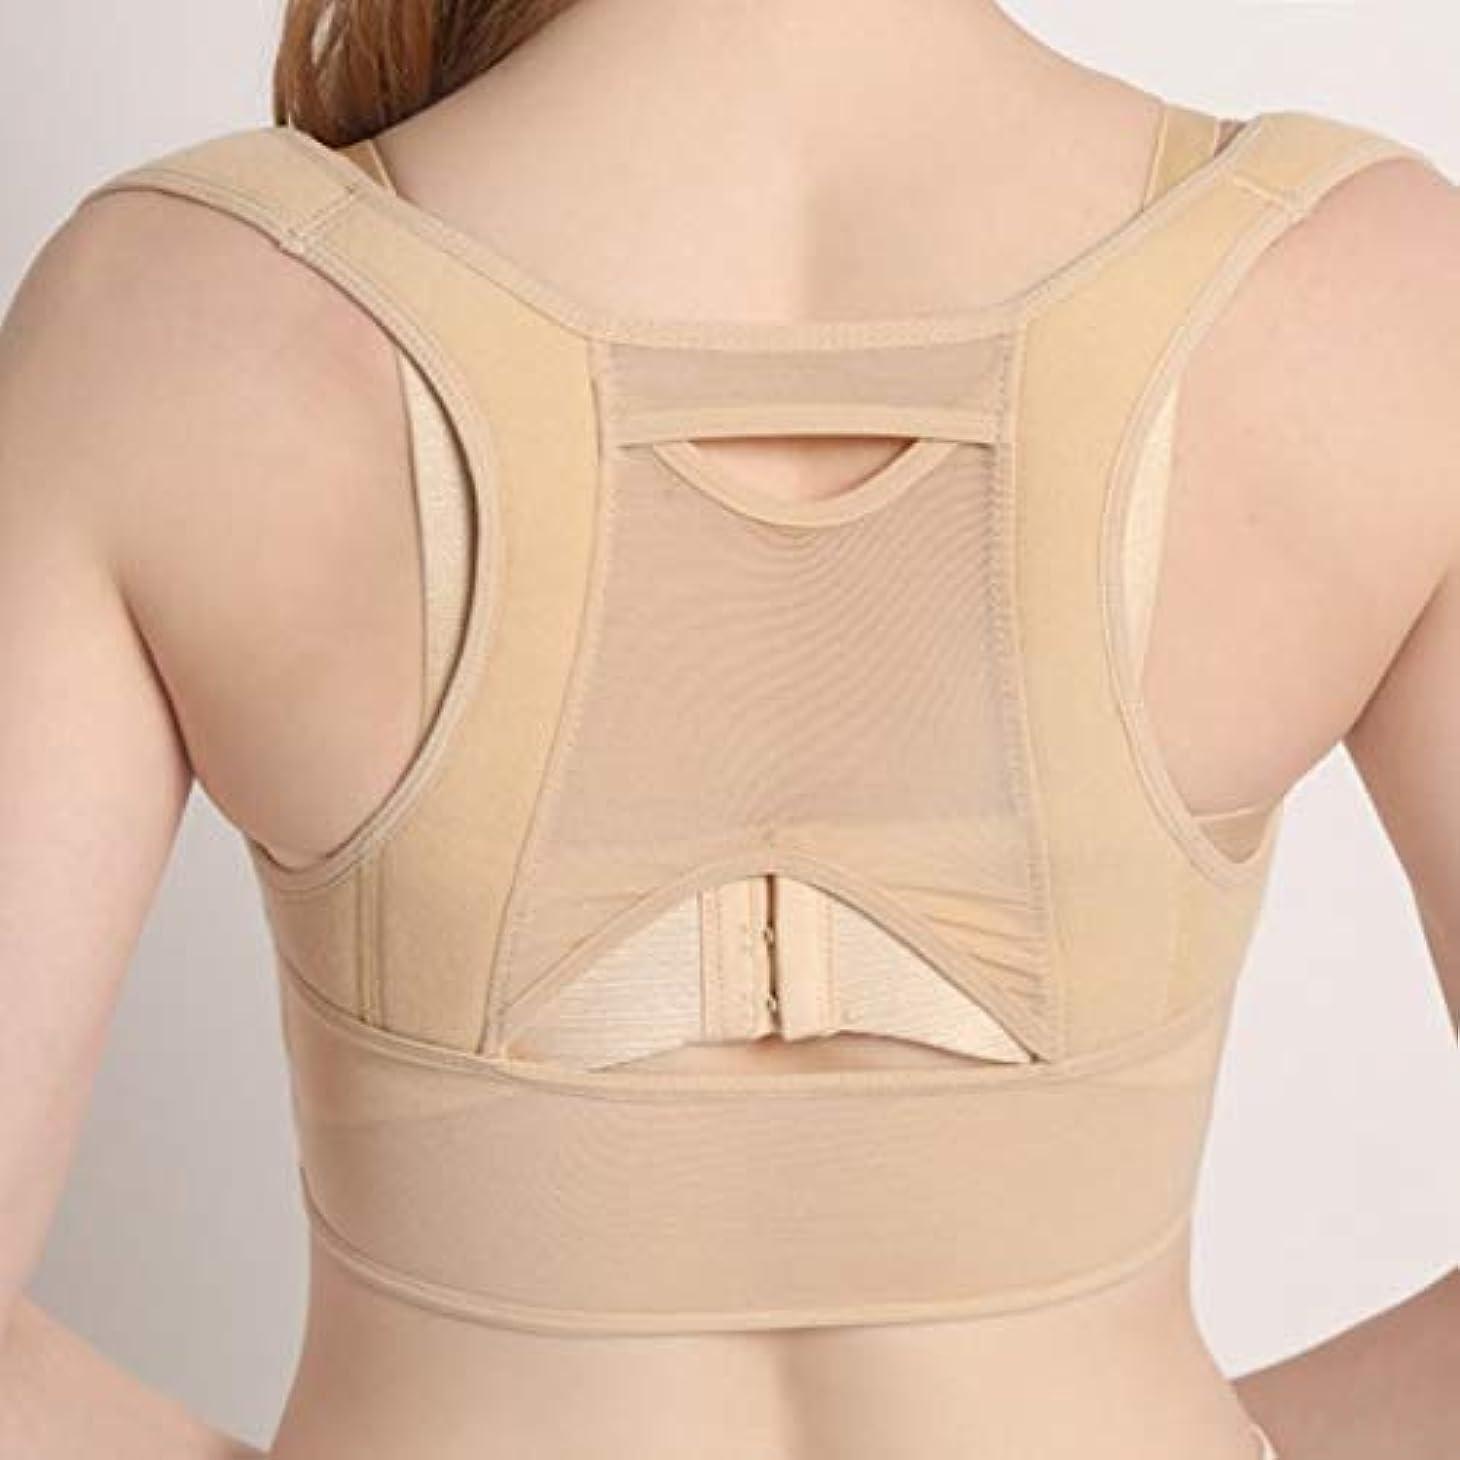 インシュレータアノイ冊子通気性のある女性の背中の姿勢矯正コルセット整形外科の背中の肩の背骨の姿勢矯正腰椎サポート - ベージュホワイトL